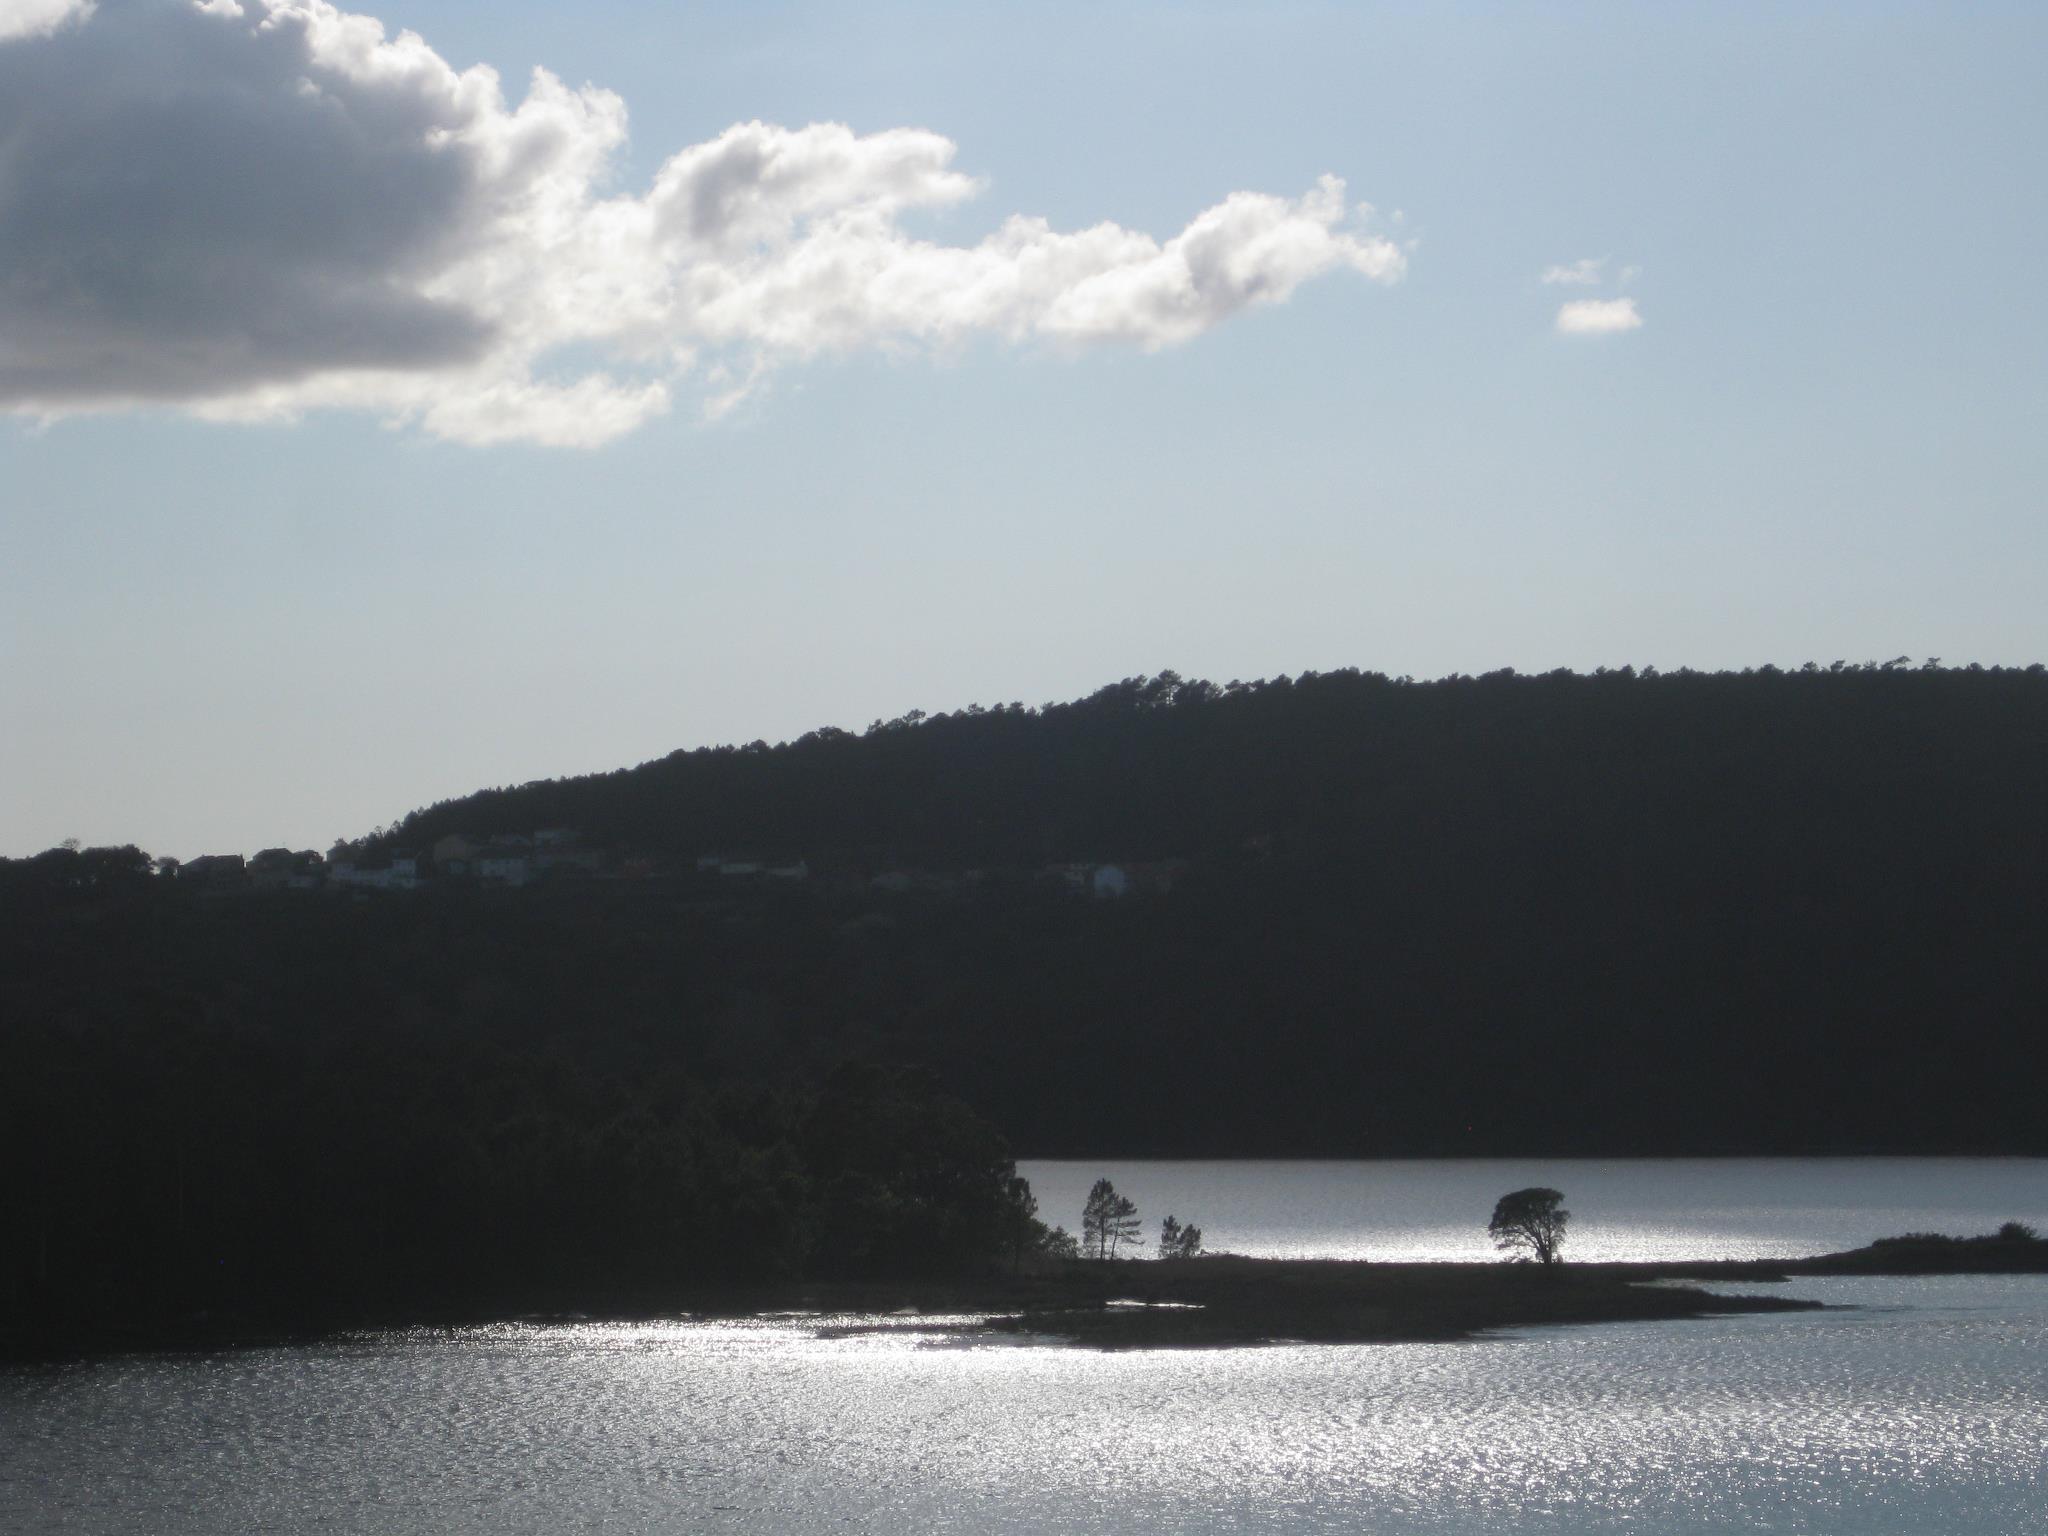 Ría de Noia - Río Tambre - Portada Galicia Alive